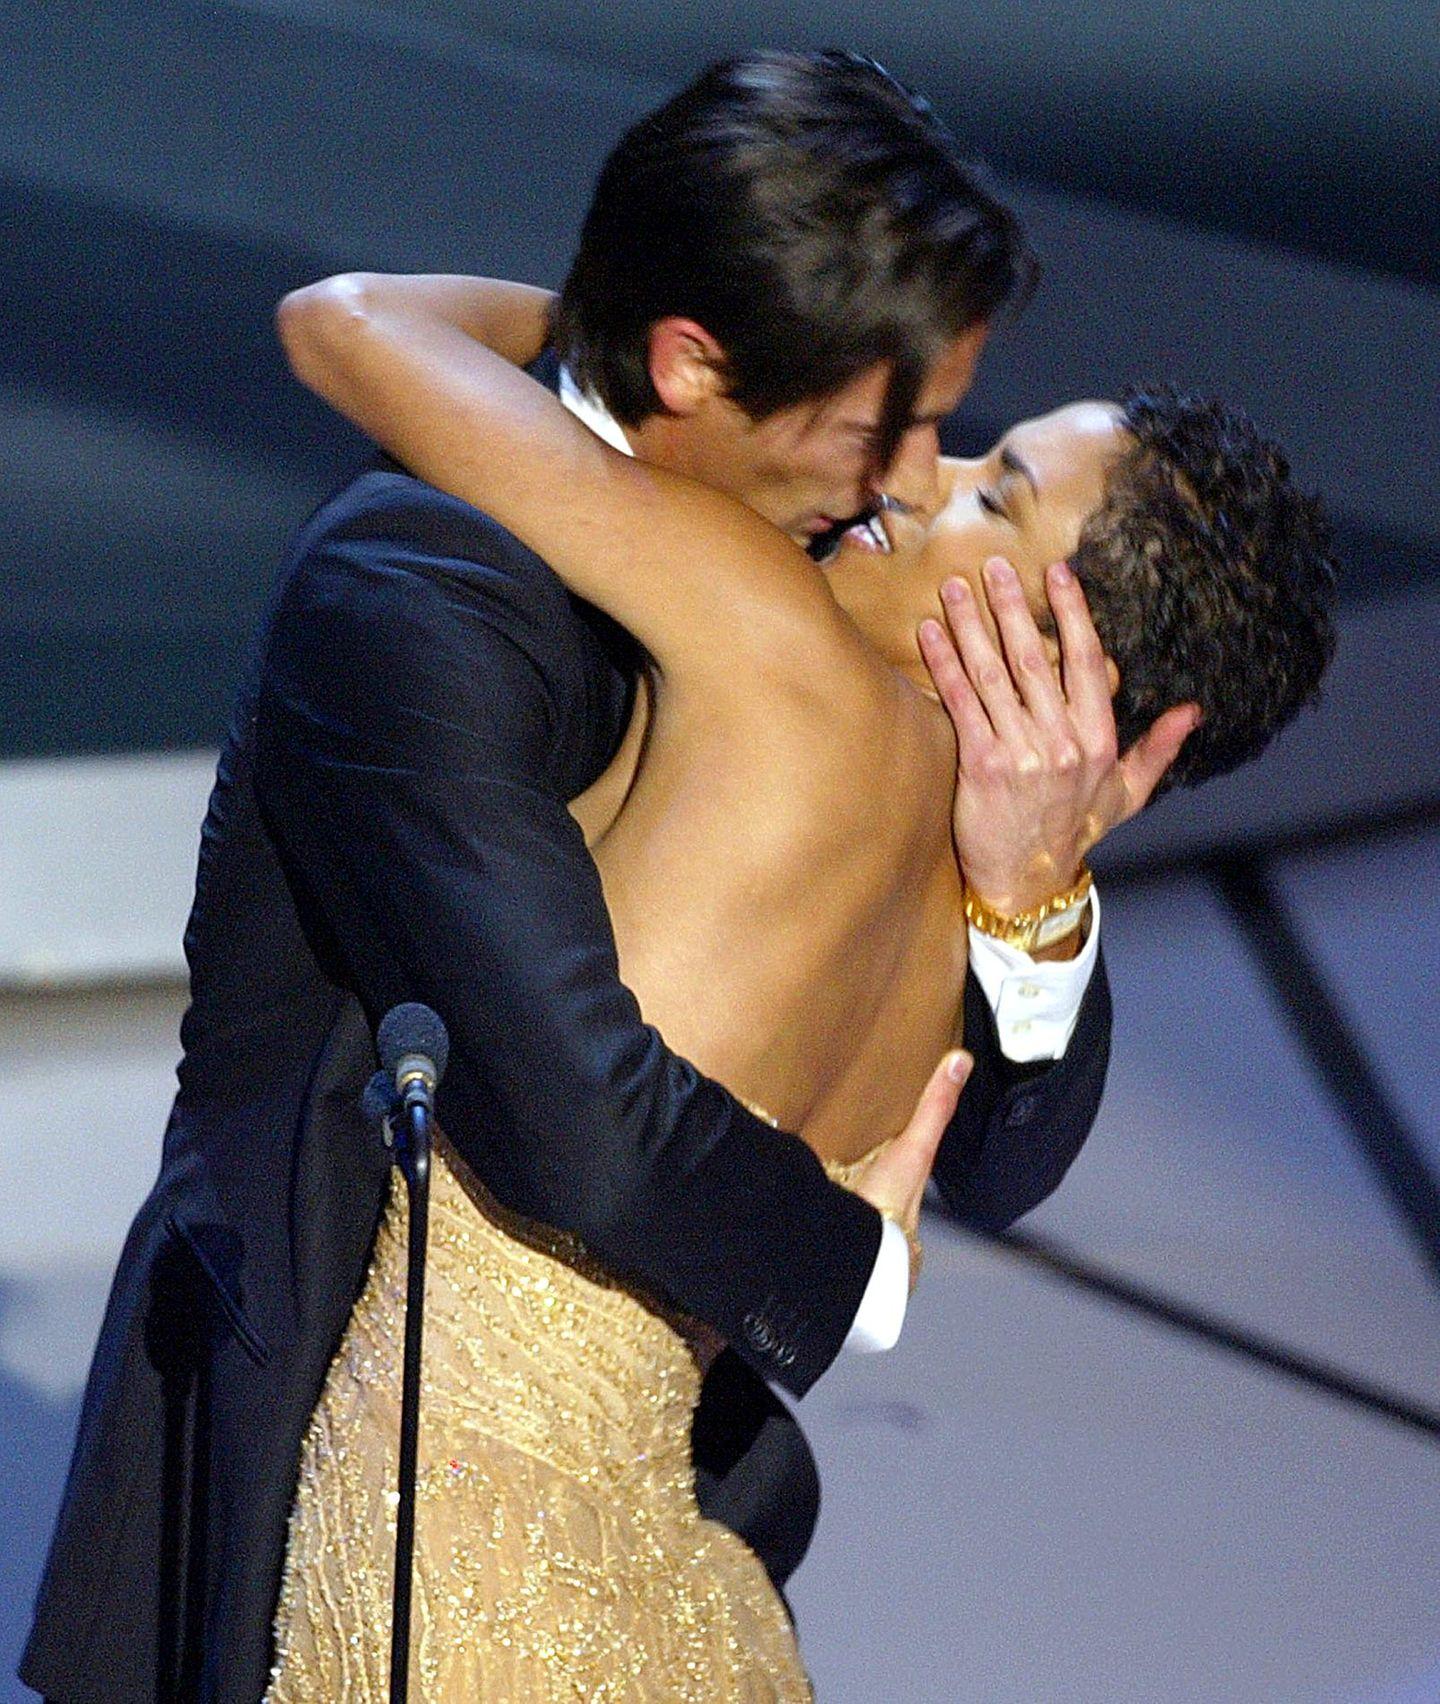 """Bei der 75. Oscar-Verleihung bekommt Adrien Brody für """"The Pianist"""" eine der begehrten Trophäen von Halle Berry überreicht, bei der er sich prompt mit einem filmreifen Kuss bedankt."""